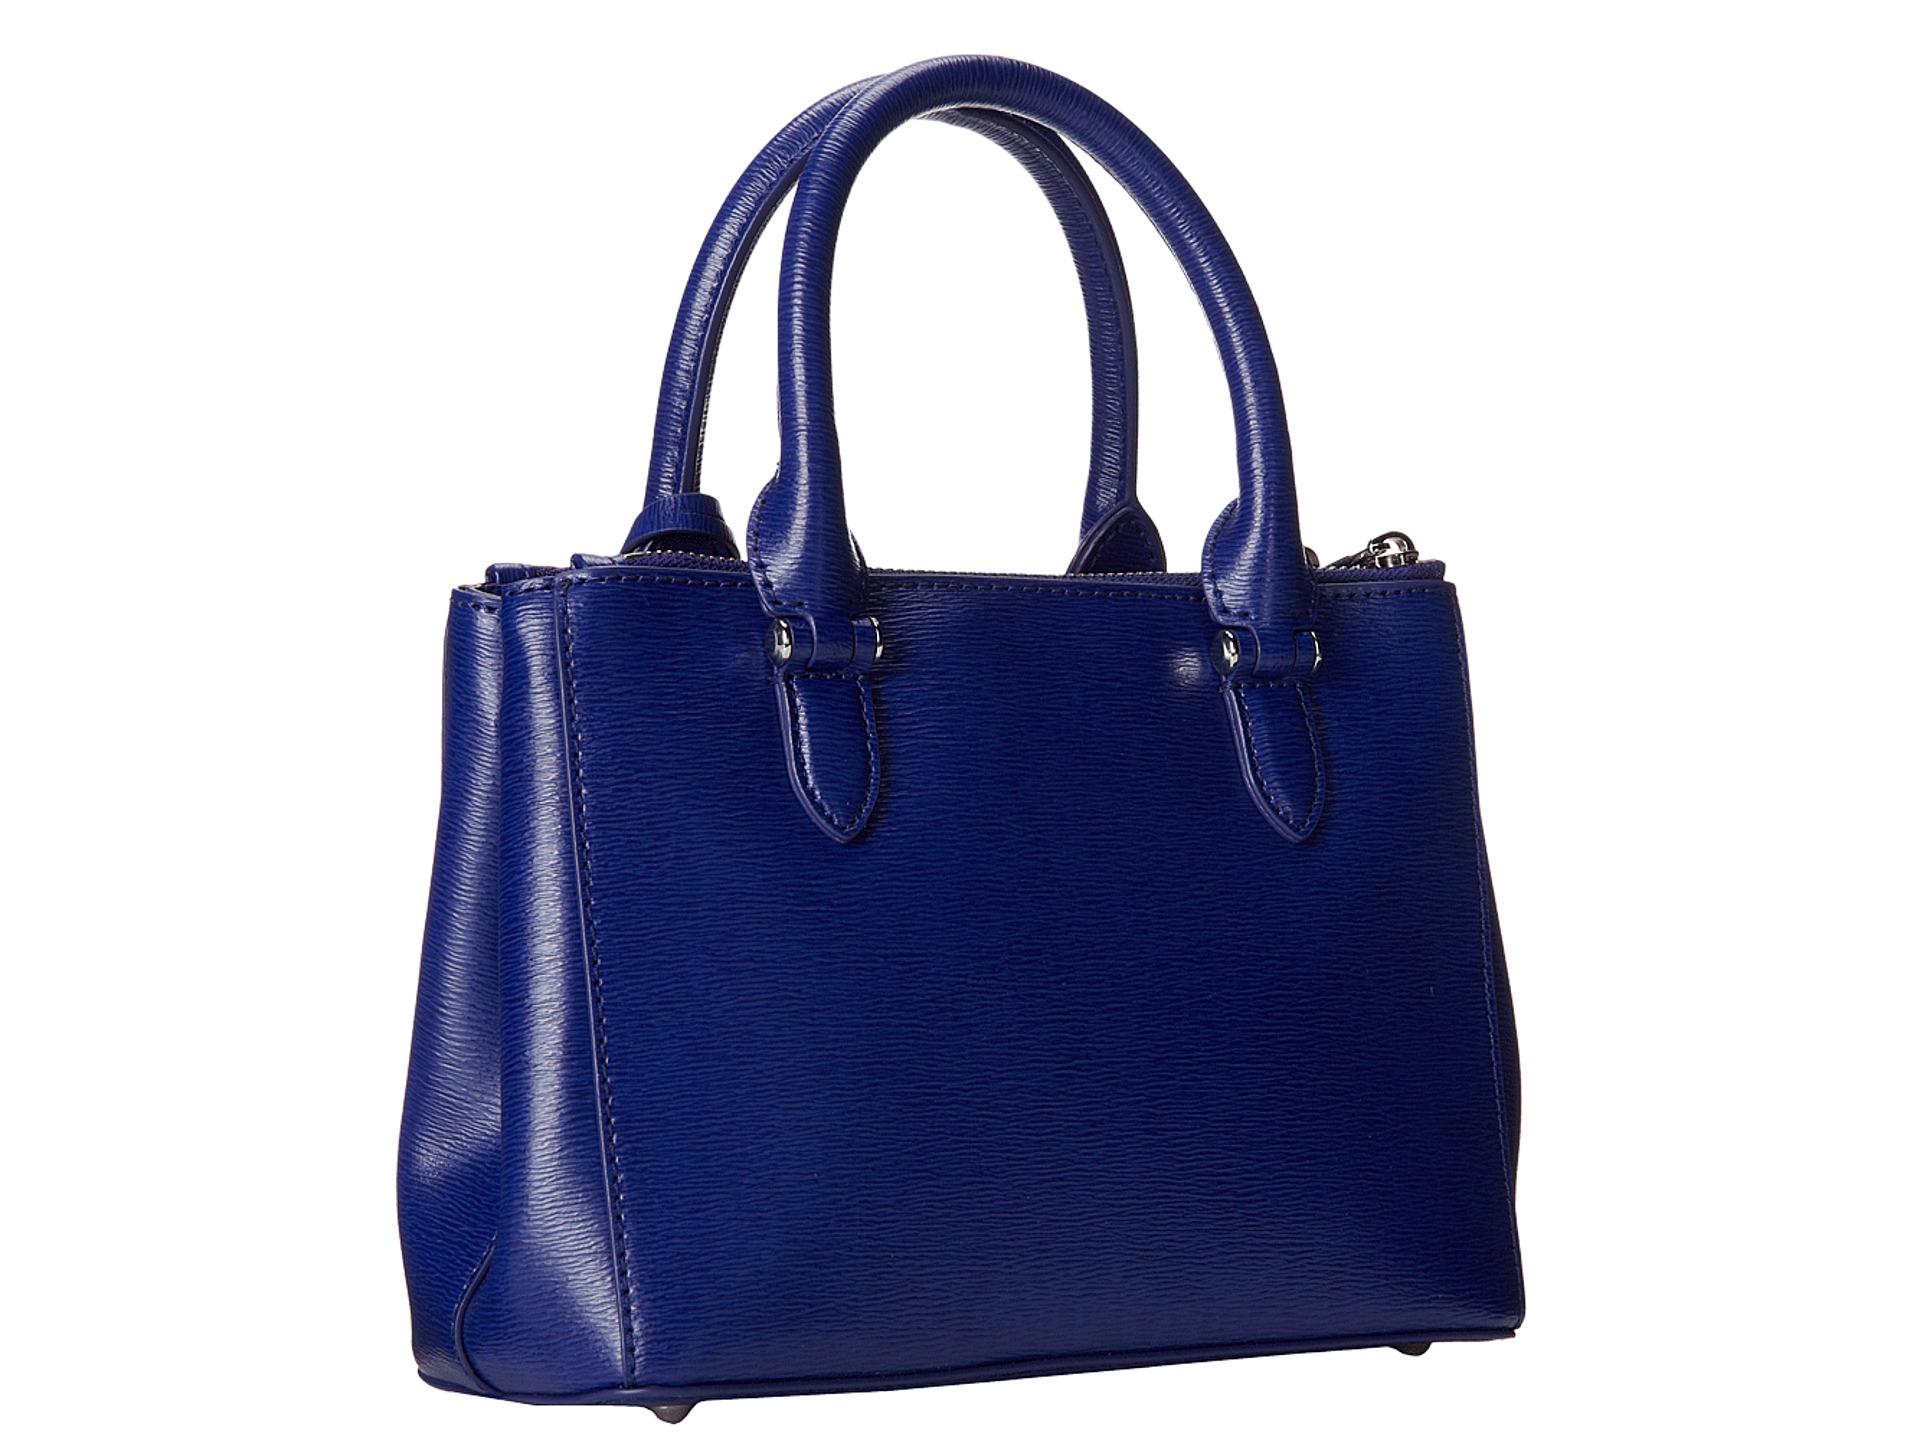 68625d53f23b2 Lyst - Lauren by Ralph Lauren Newbury Mini Double Zip Satchel in Blue